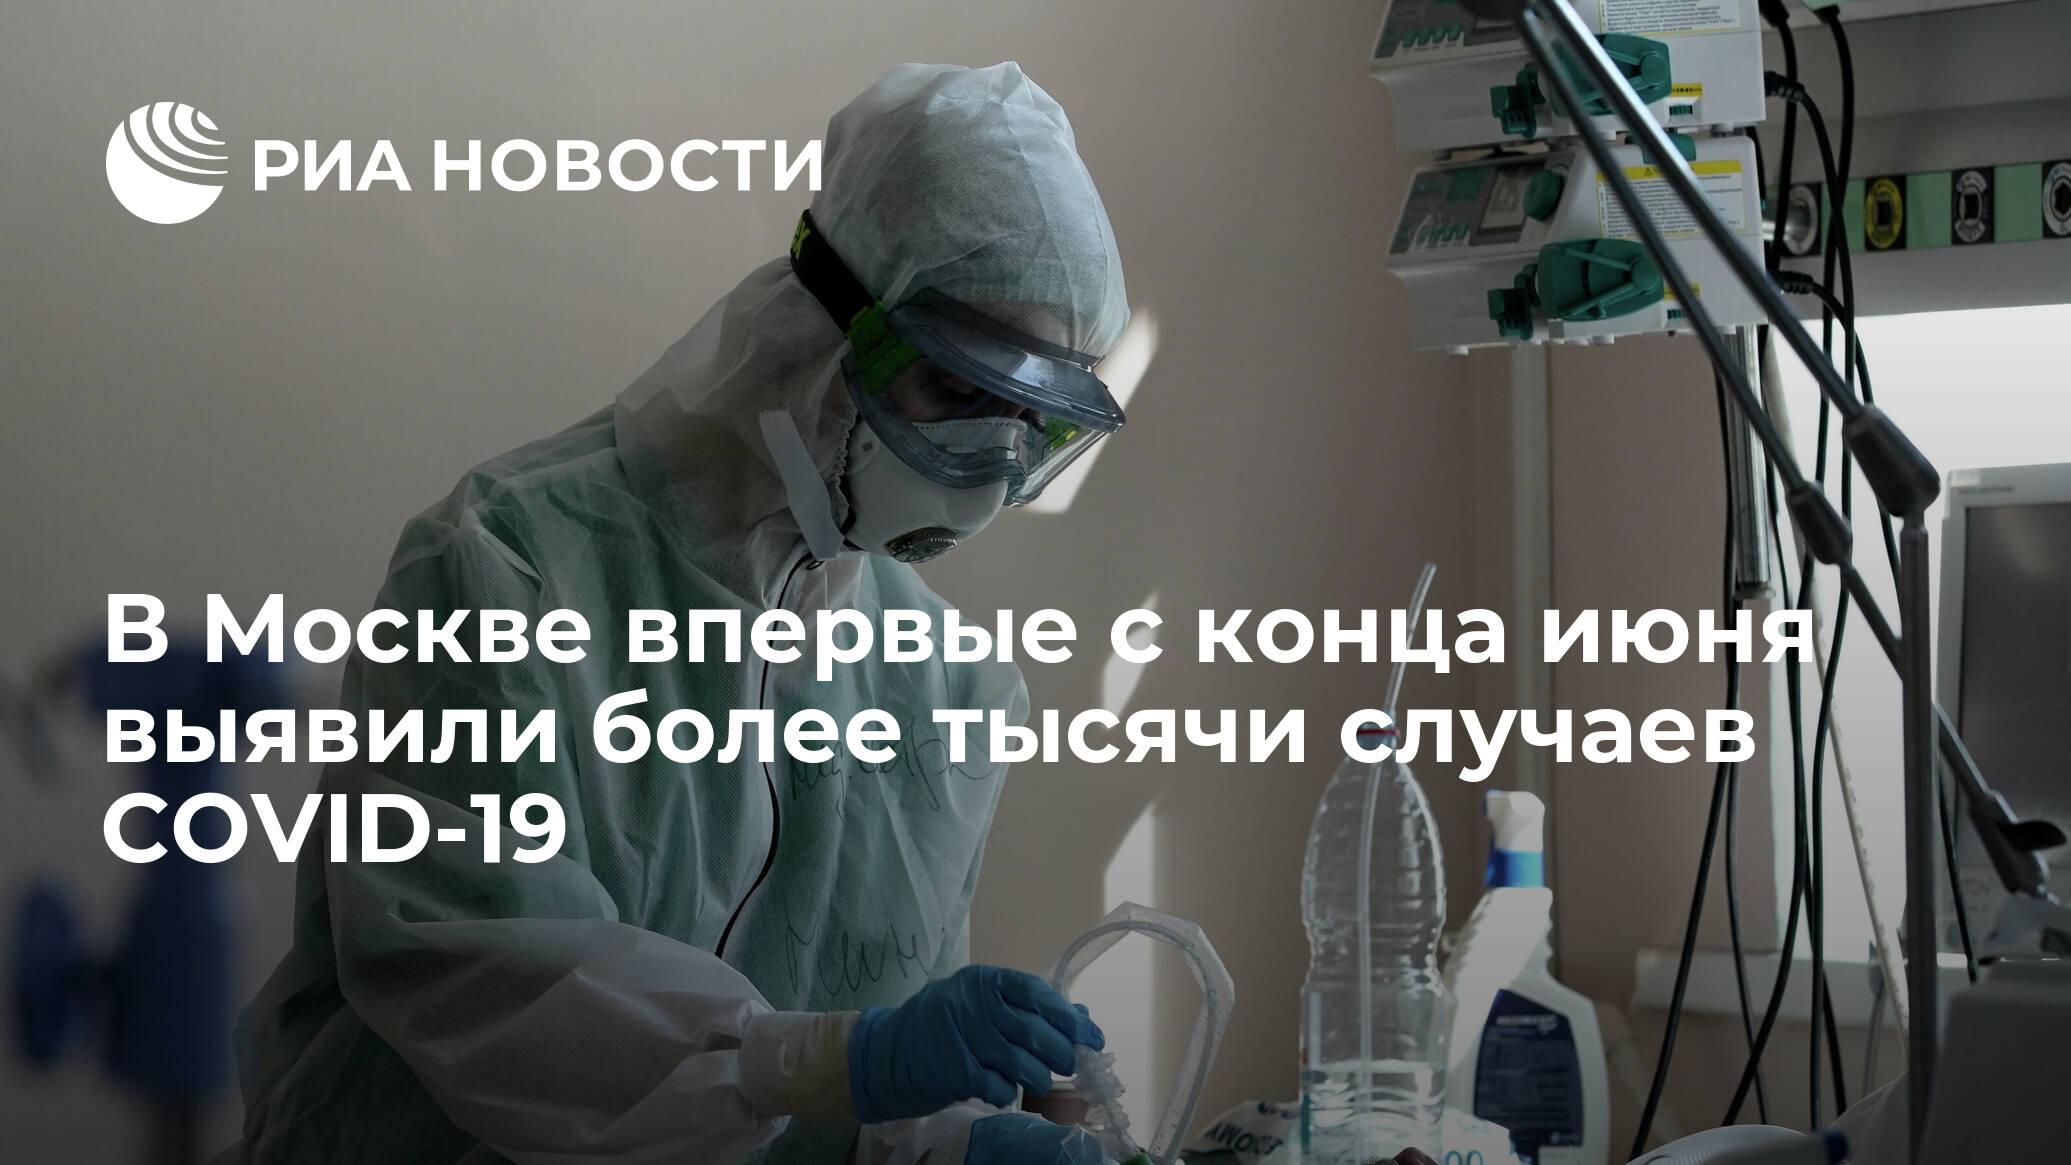 В Москве впервые с конца июня выявили более тысячи случаев COVID-19